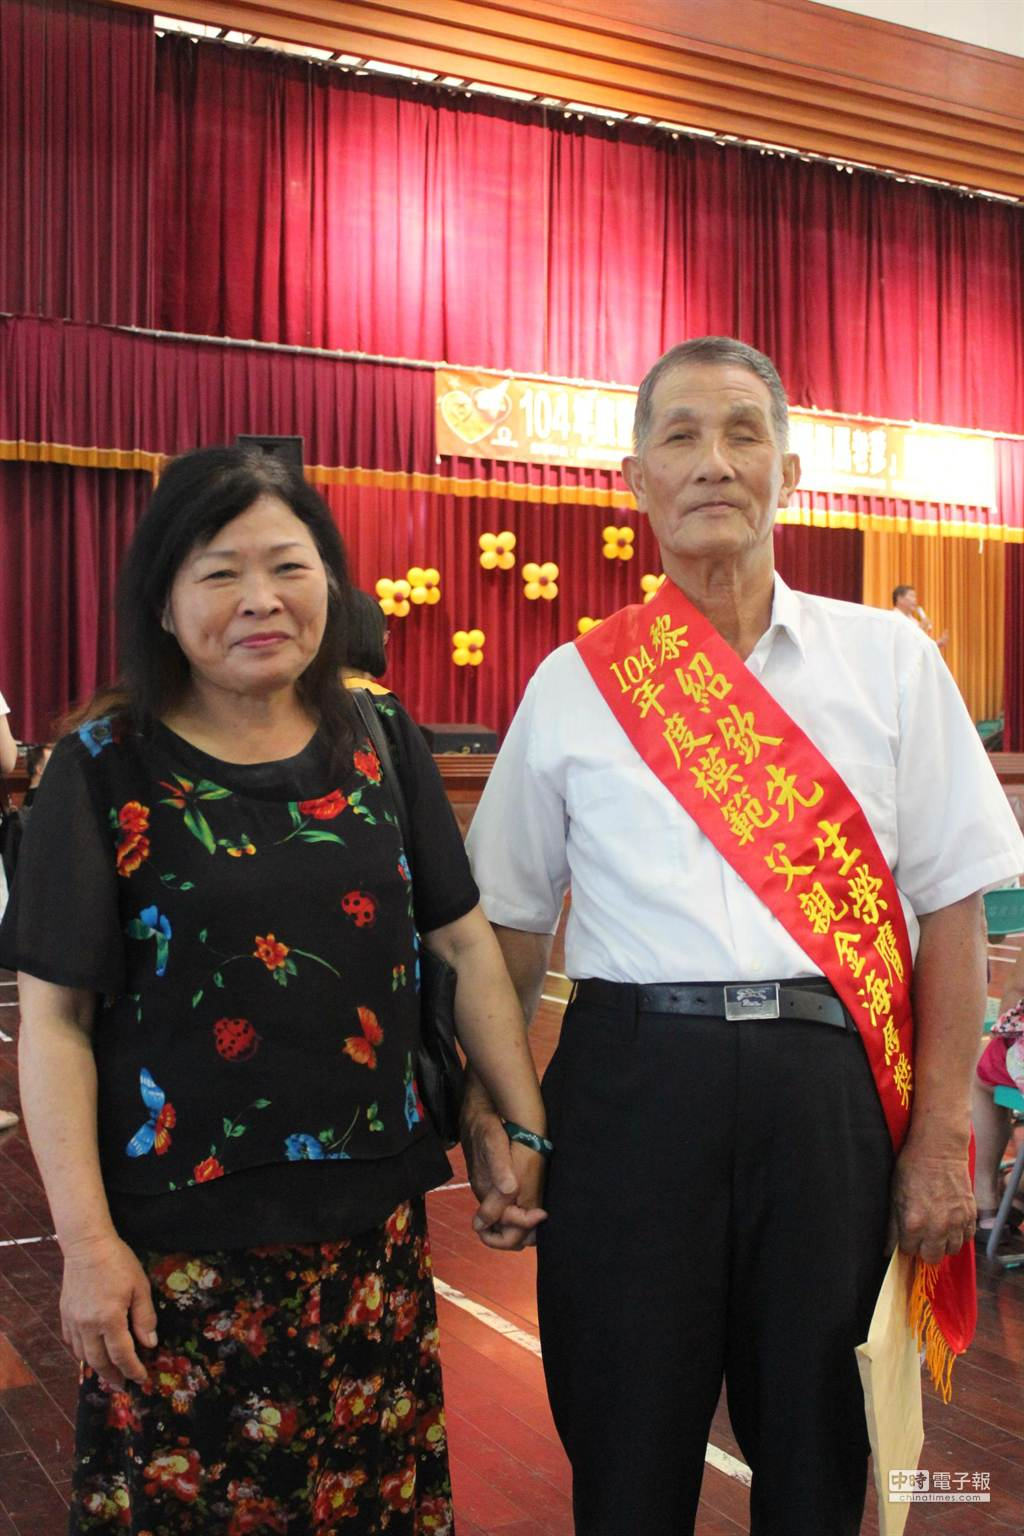 黎紹欽(右)與太太45年來照顧有智能障礙的女兒,無怨無悔的付出,獲表揚超級海馬老爹。(黎薇攝)